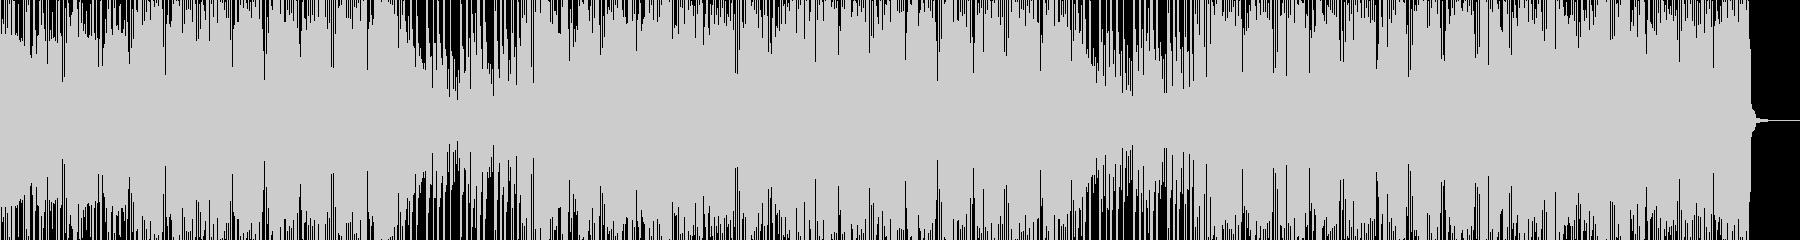 緊張感のあるヒップホップの未再生の波形